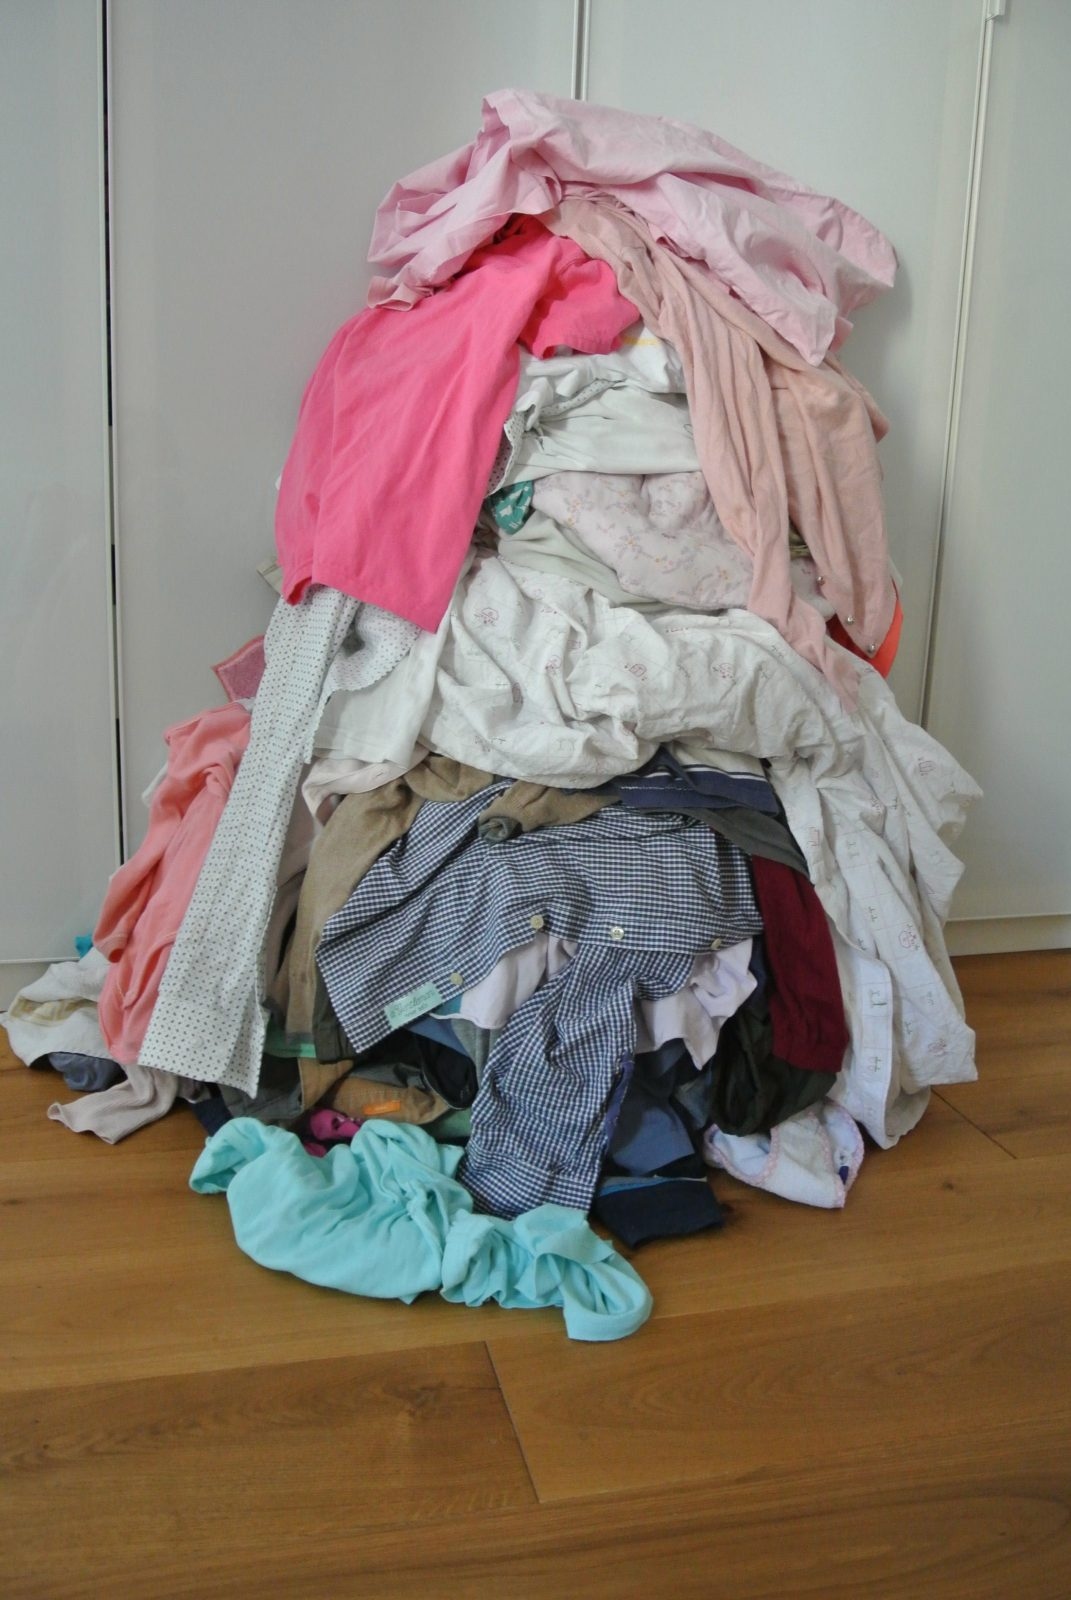 Wie Oft Sollte Man Wäsche Waschen  Rosanisiert von Wie Oft Sollte Man Bettwäsche Waschen Bild